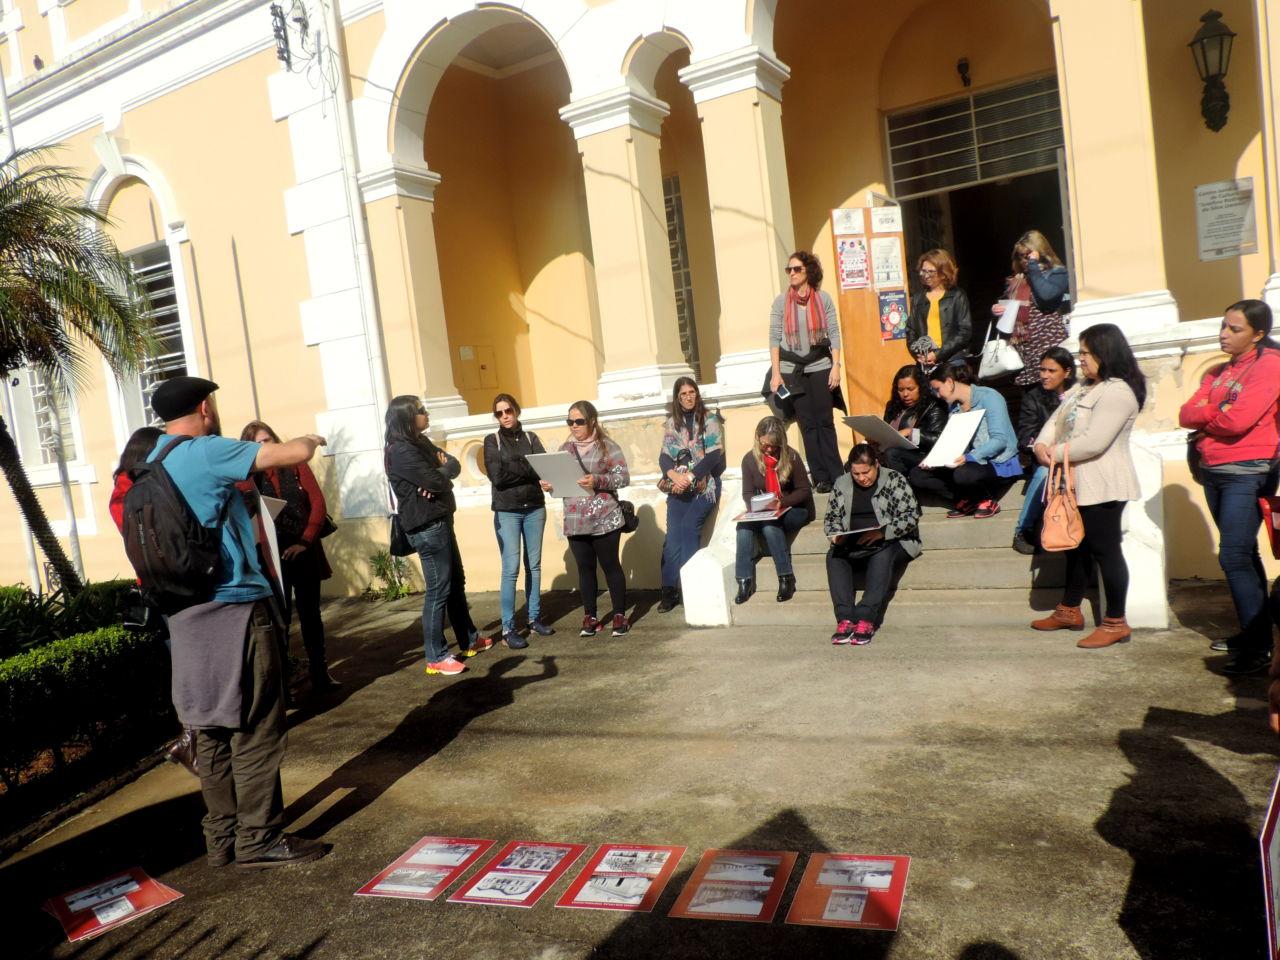 Caminhada cultural inicia em frente ao prédio da Pinacoteca